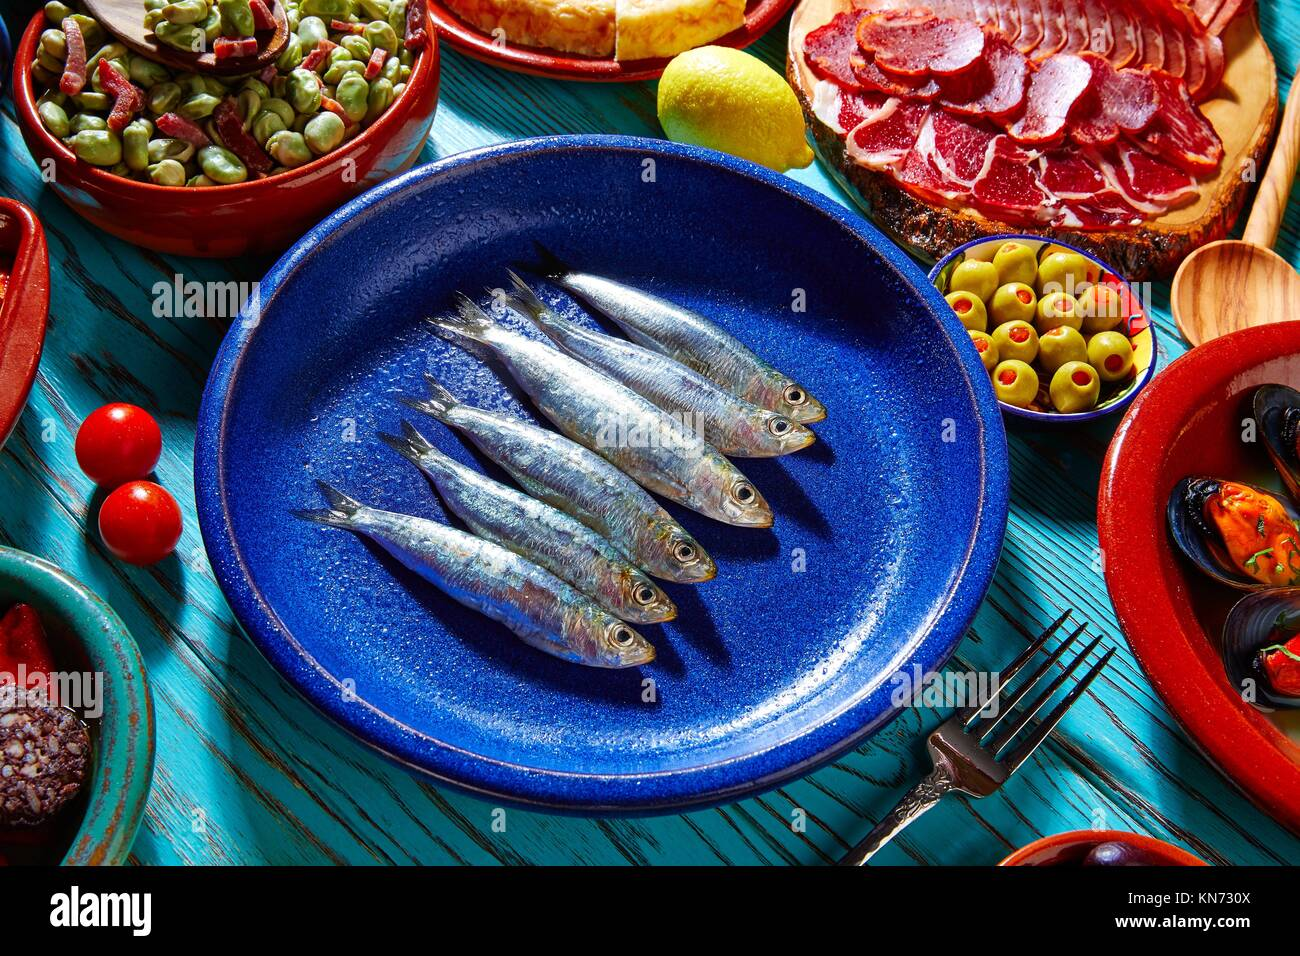 Depuis l'Espagne Tapas de sardines et mélange de recettes les plus populaires de la Méditerranée. Photo Stock